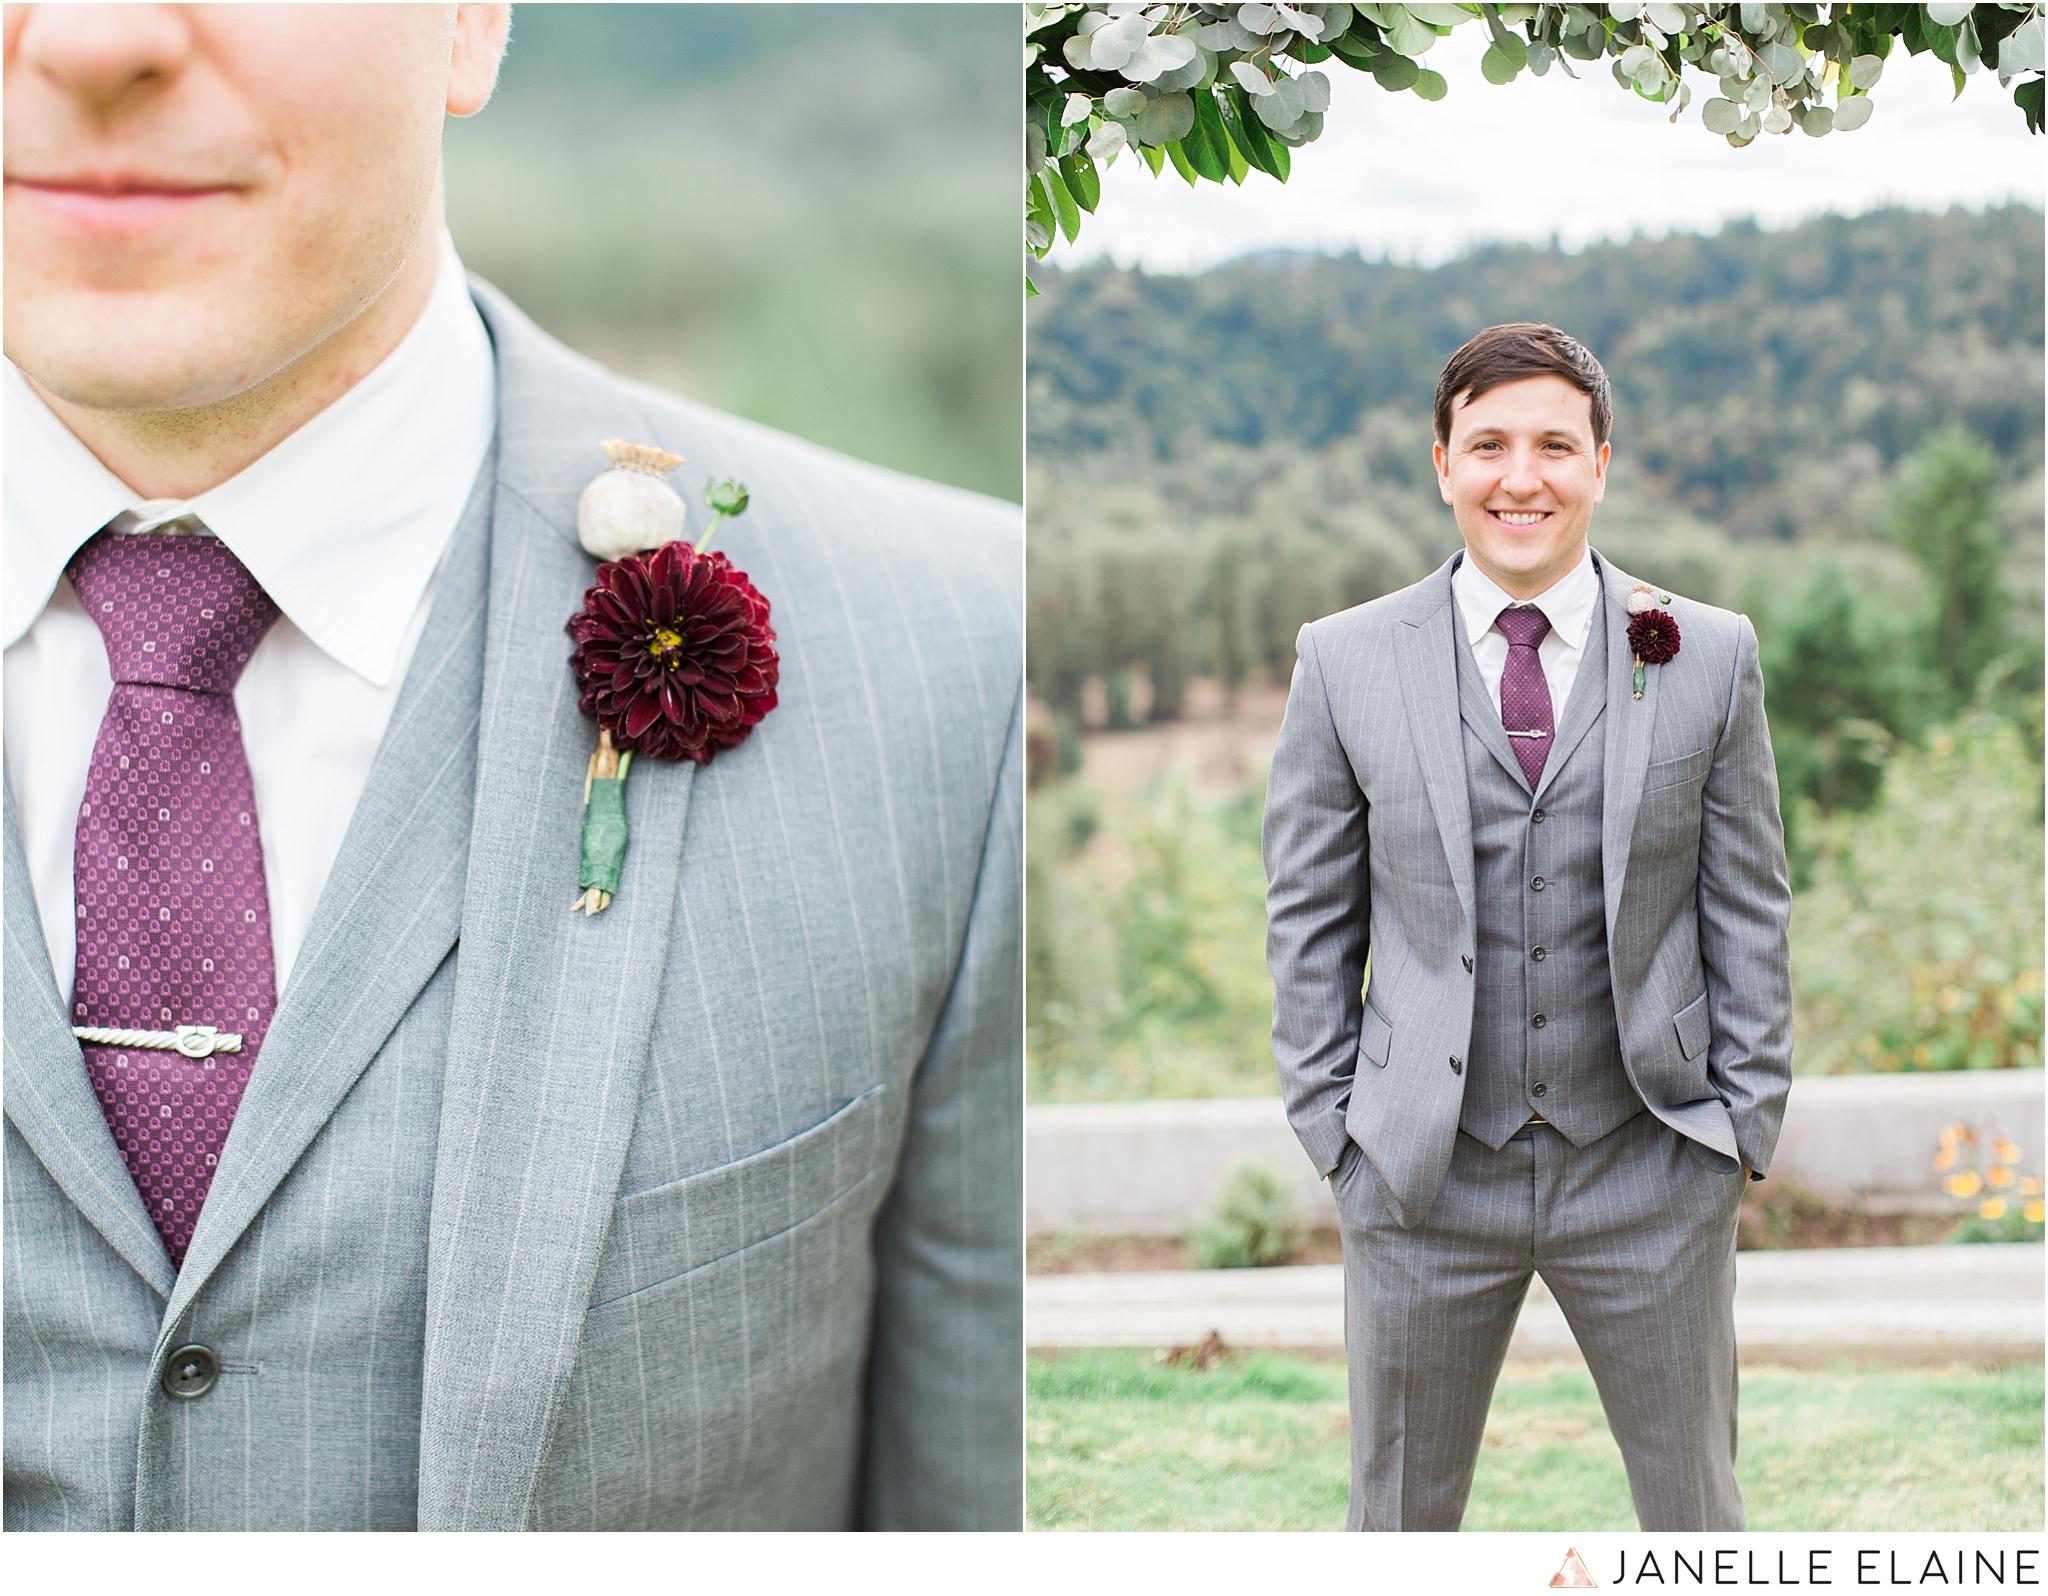 seattle-portrait-engagement-wedding-photographer-janelle-elaine-photography-36.jpg